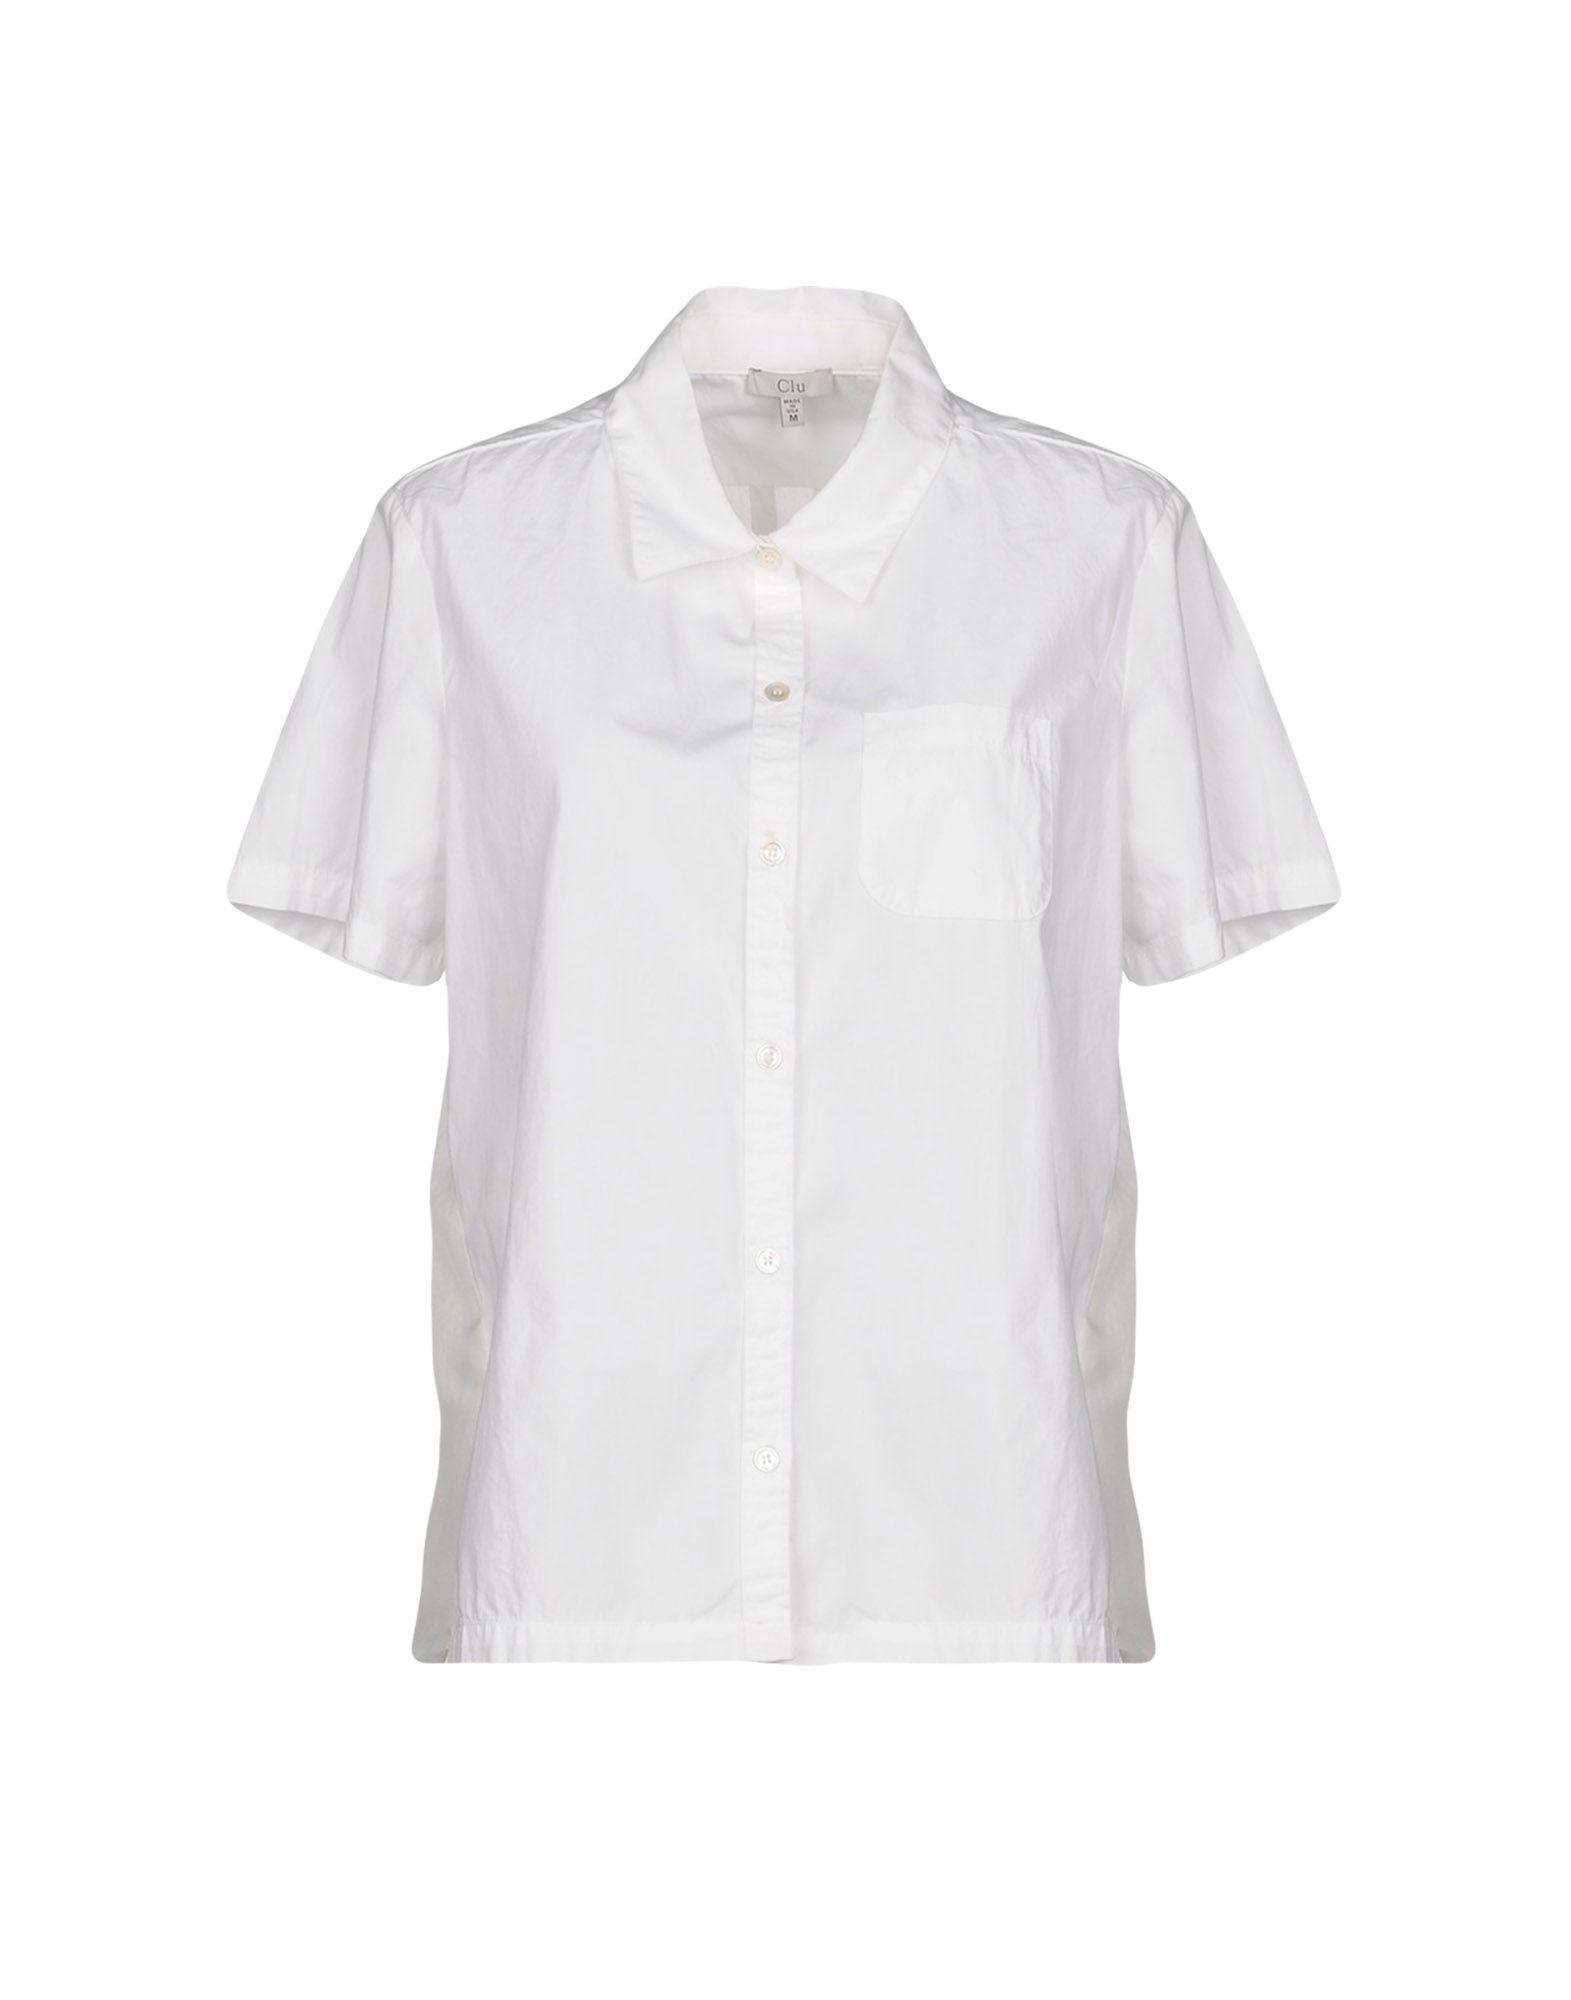 《送料無料》CLU レディース シャツ ホワイト L コットン 100% / シルク